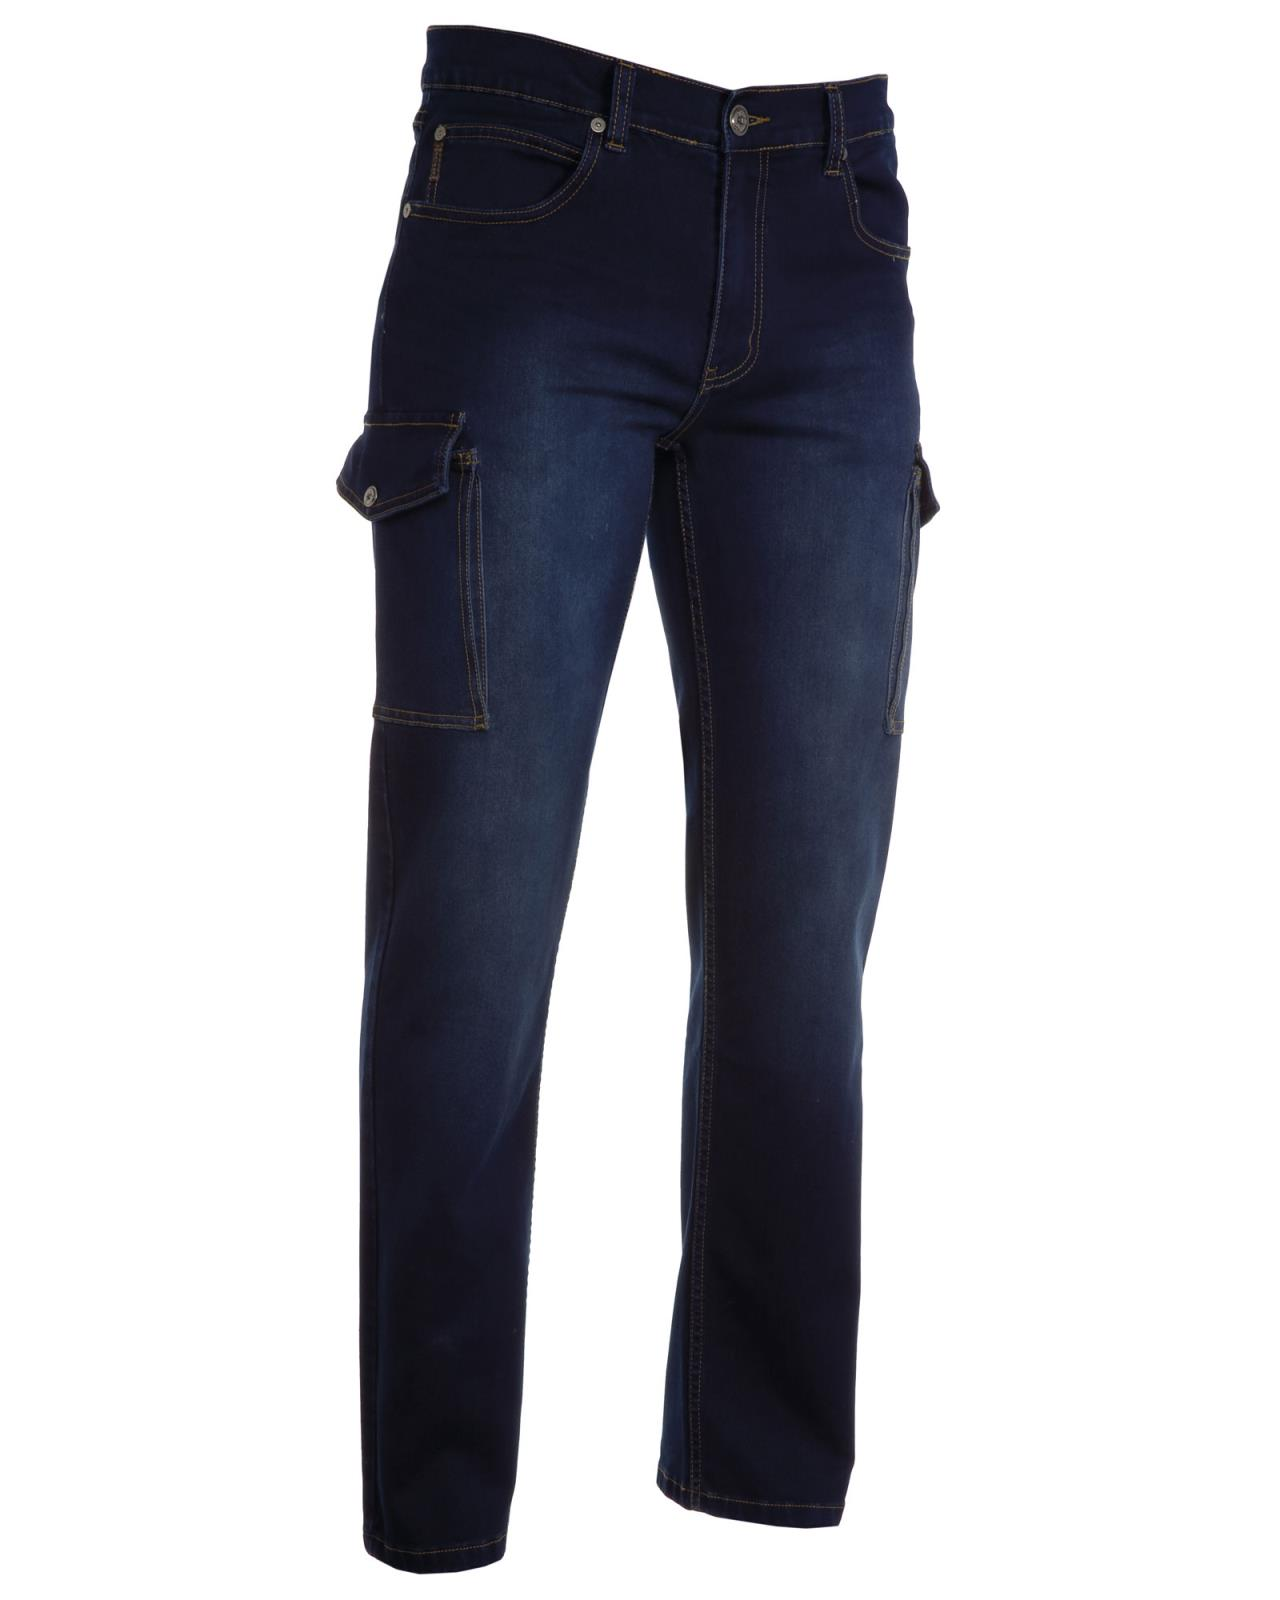 27c97c297d Jeans uomo con tasconi laterali HUMMER